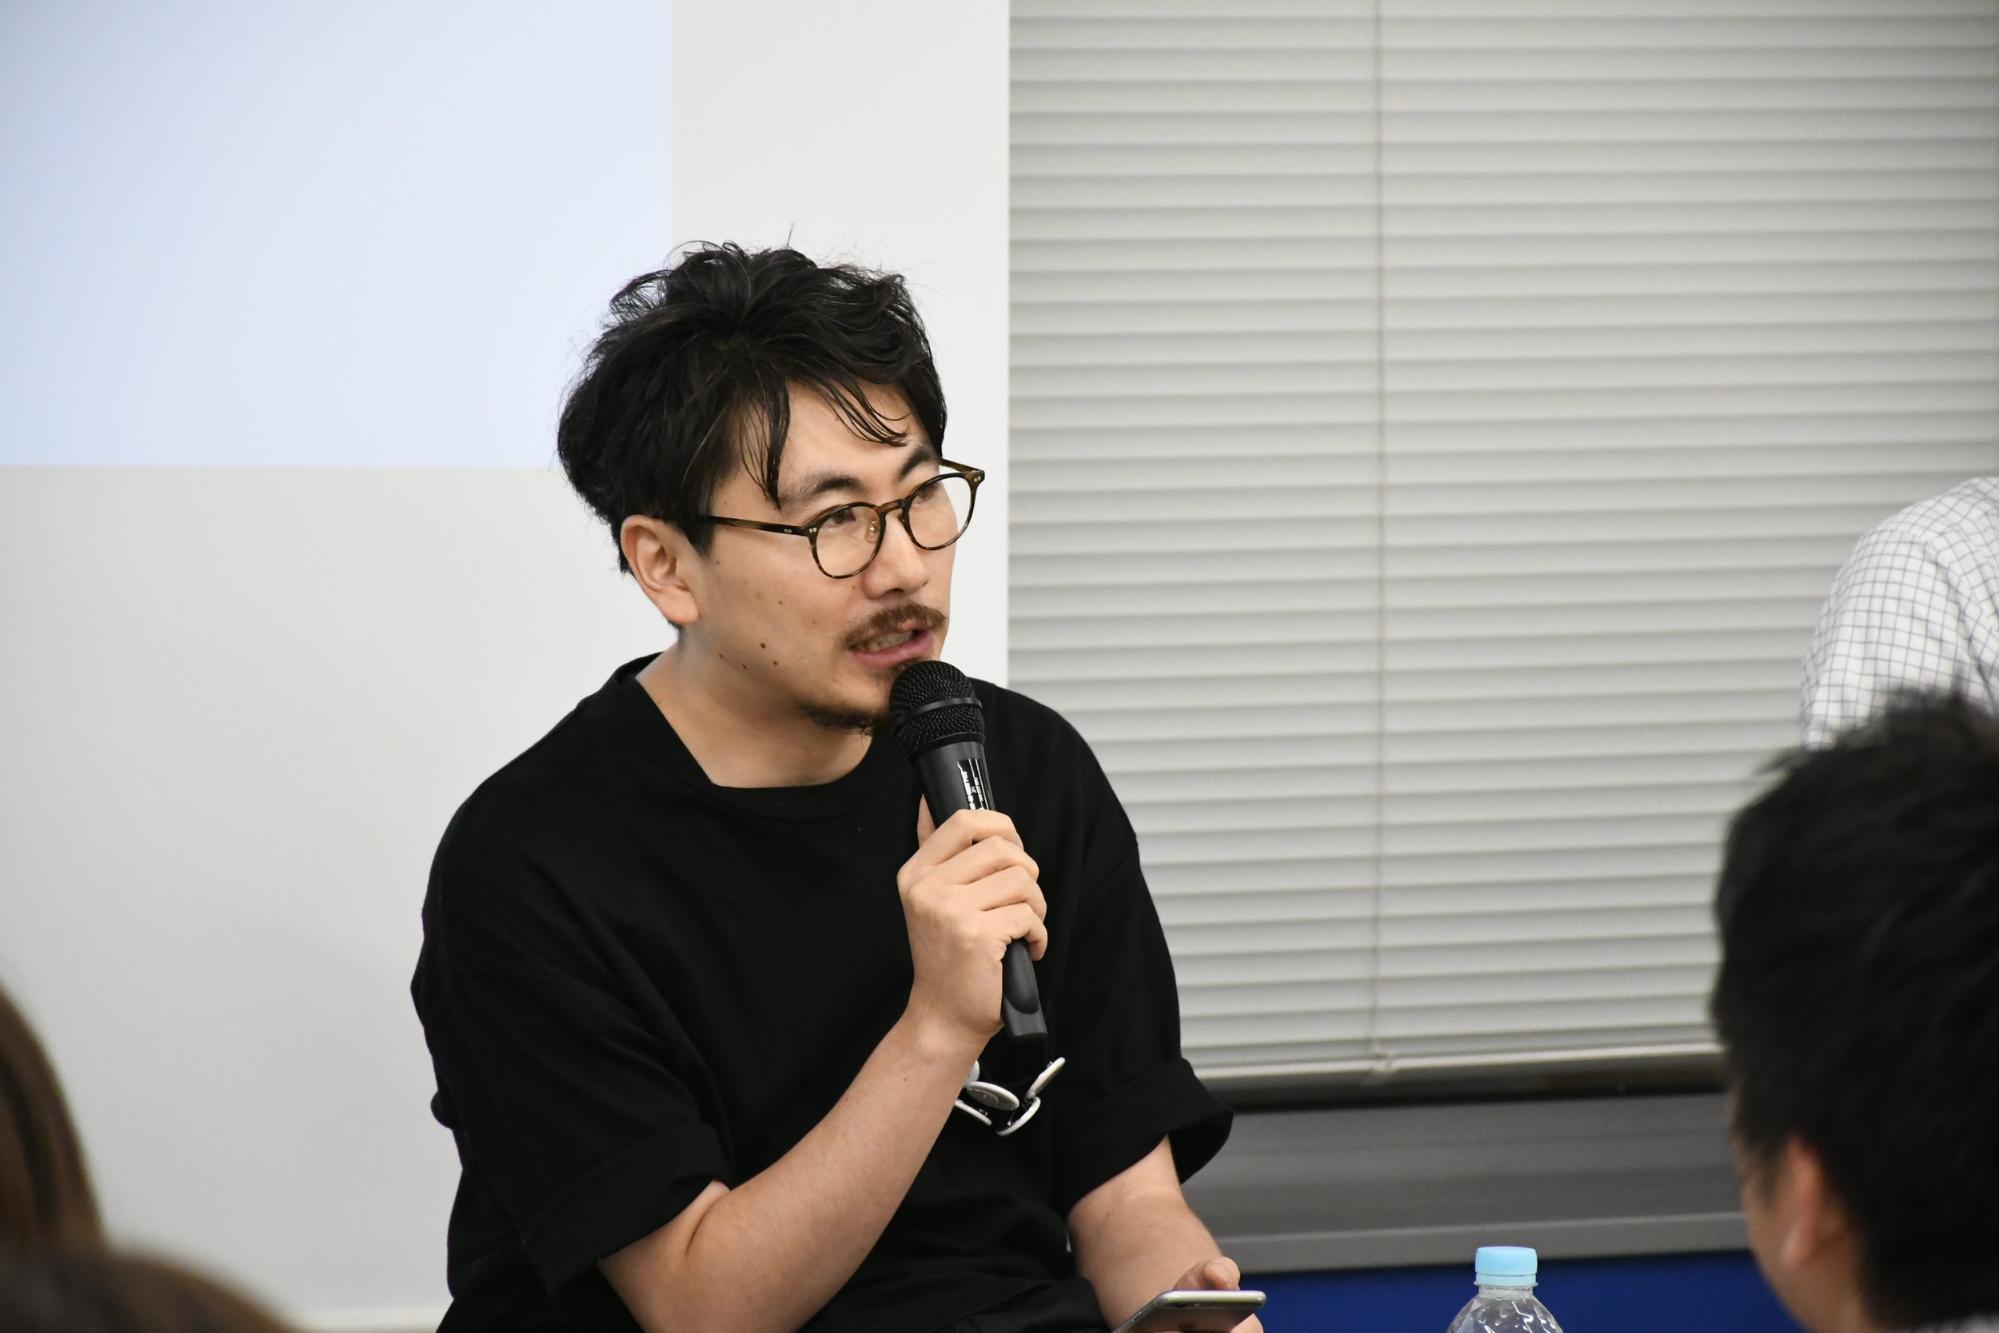 エン・ジャパン株式会社・白石勝也氏